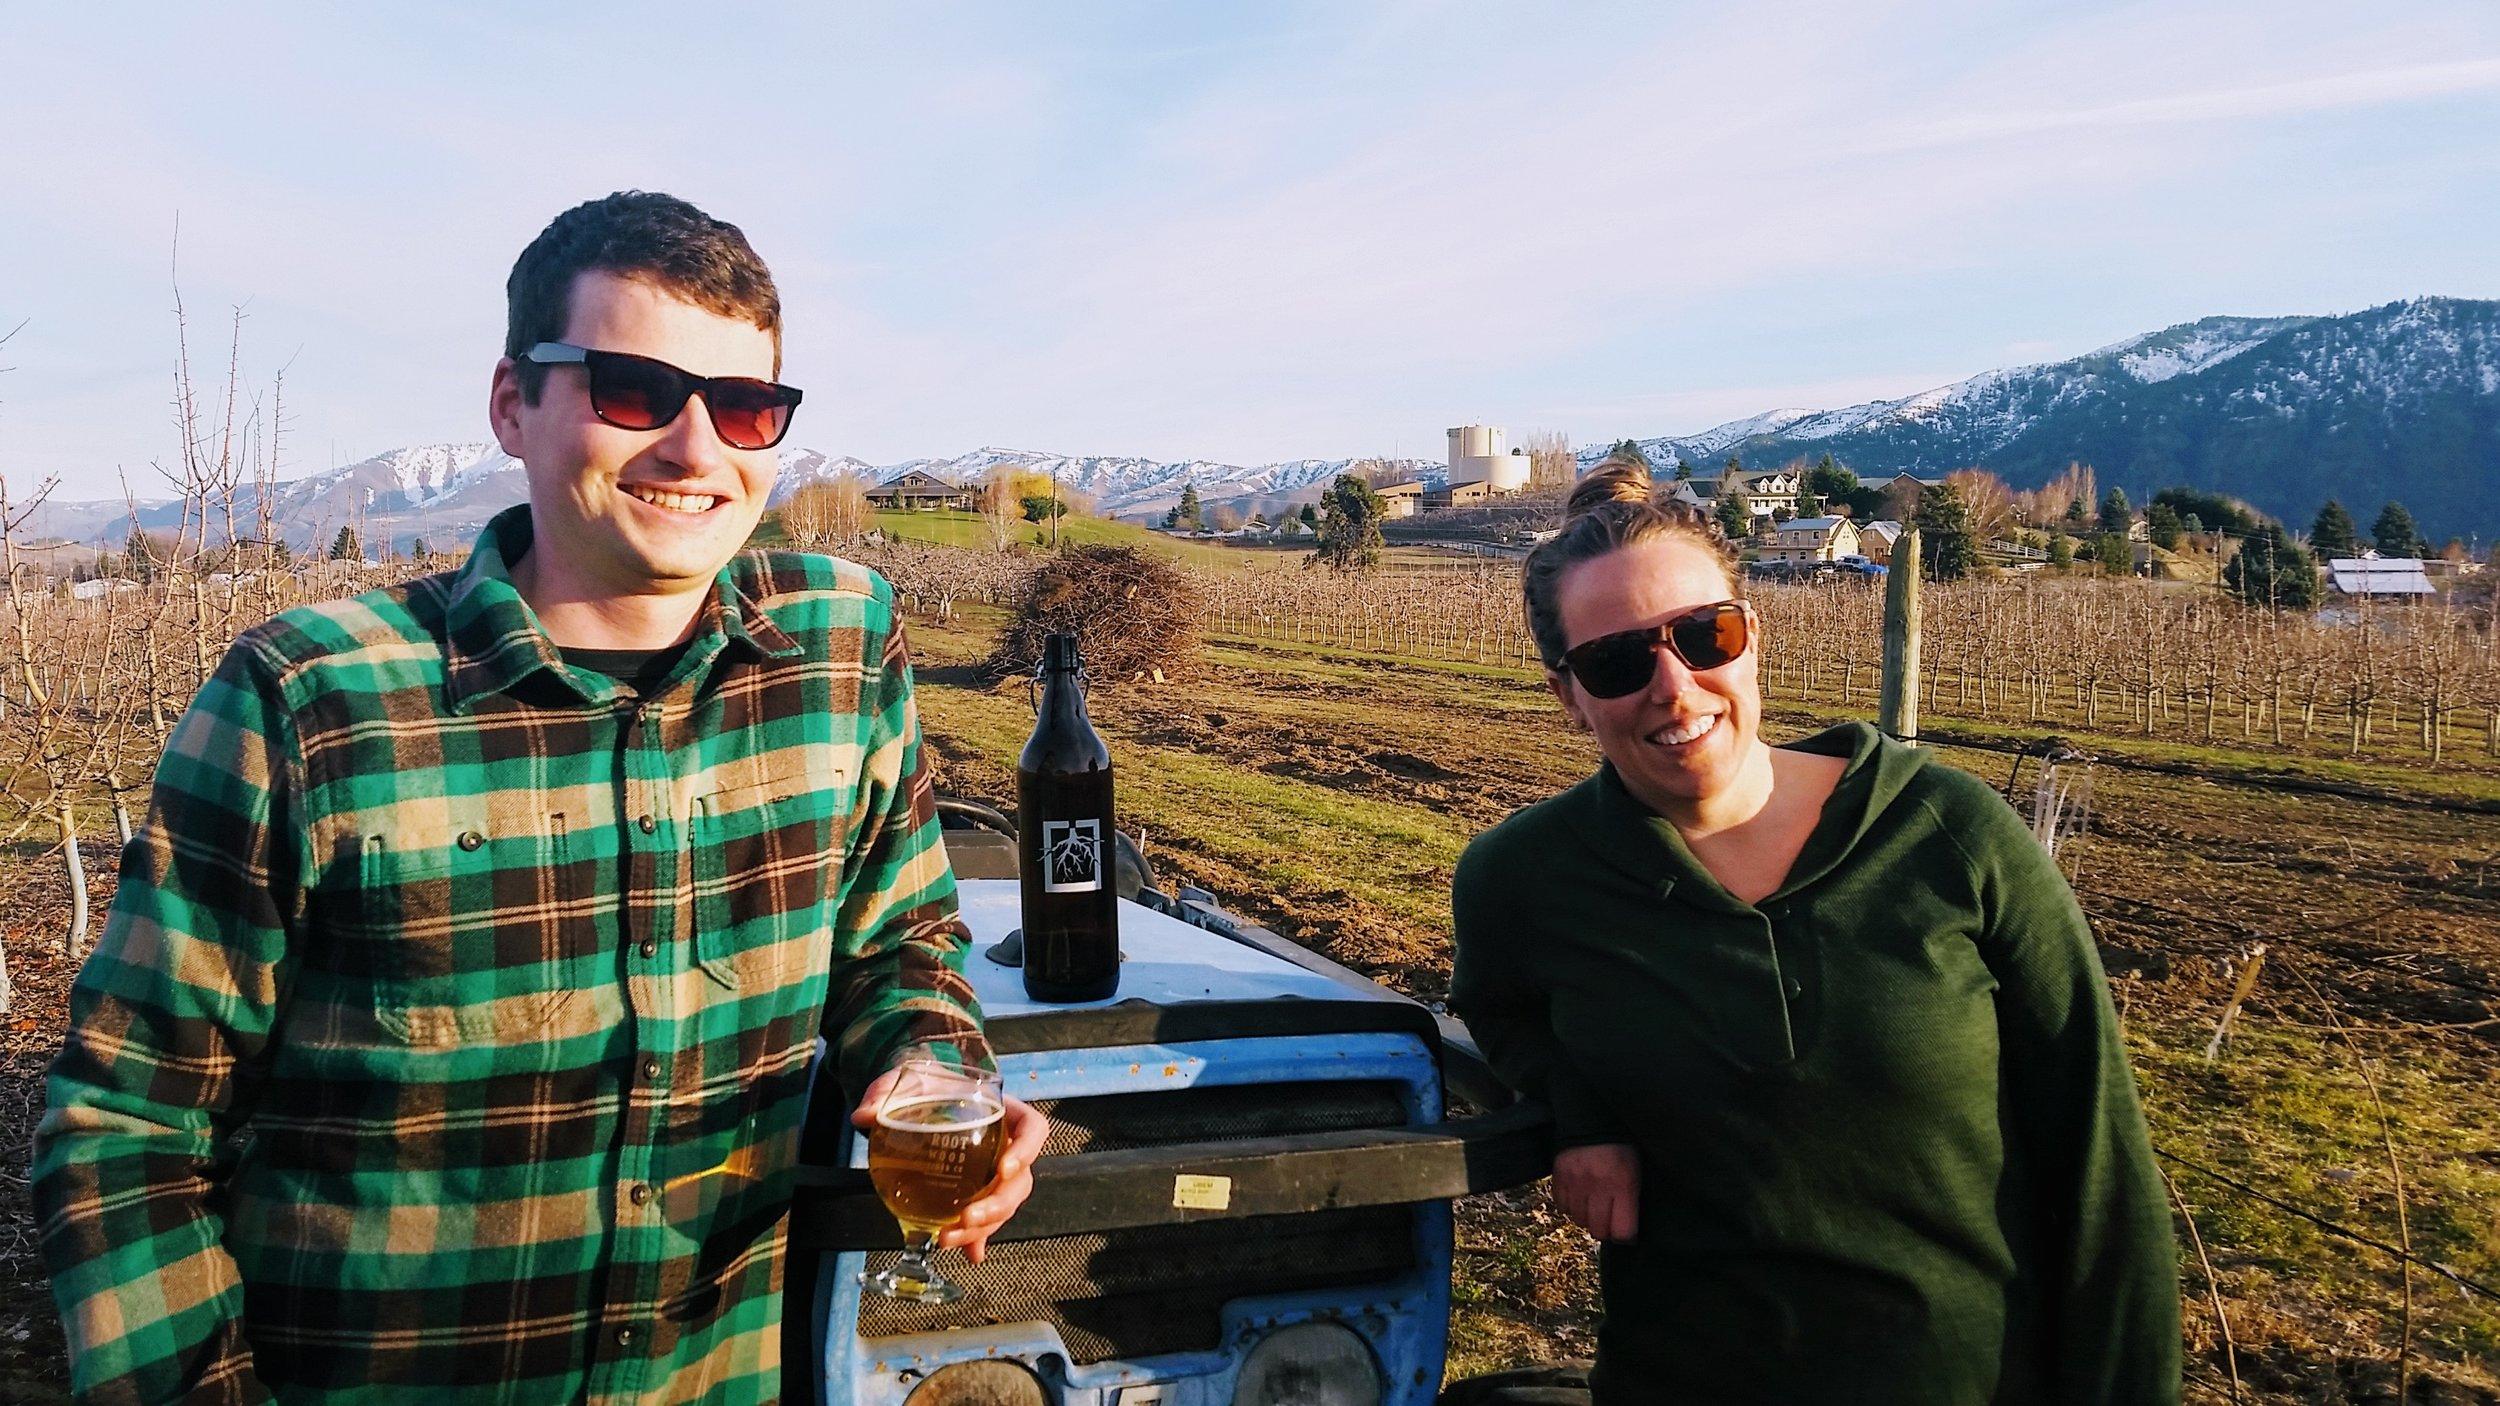 Cidermakers James Caddey and Kate Koenig Howard